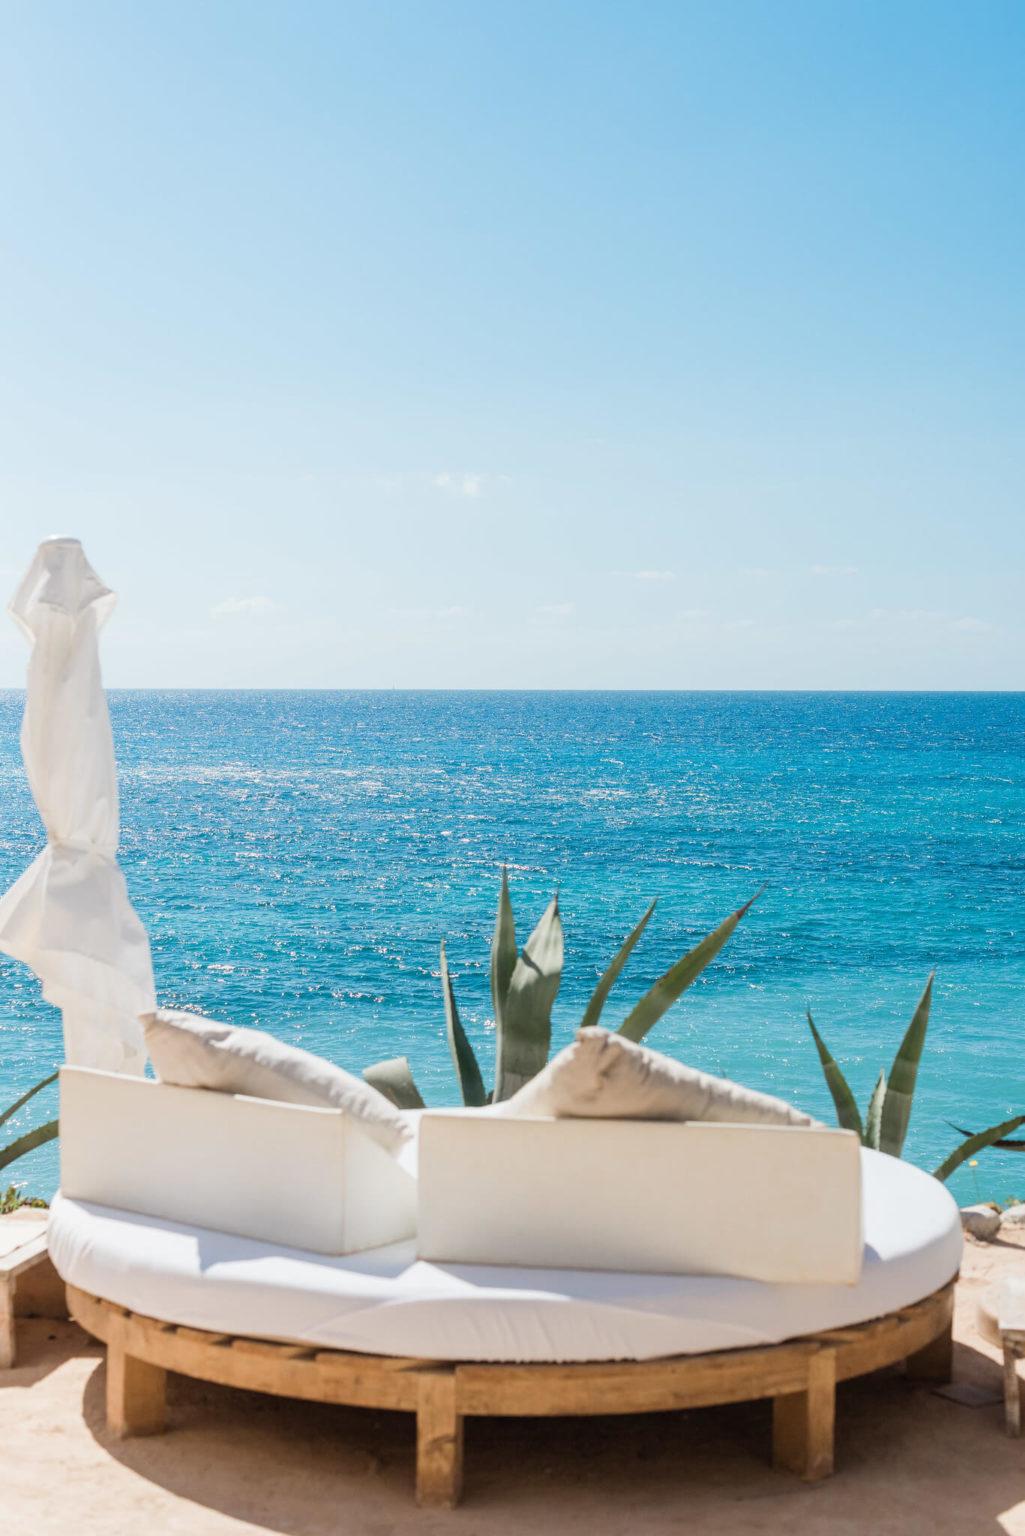 https://www.white-ibiza.com/wp-content/uploads/2020/03/ibiza-beaches-sol-den-serra-08-1025x1536.jpg